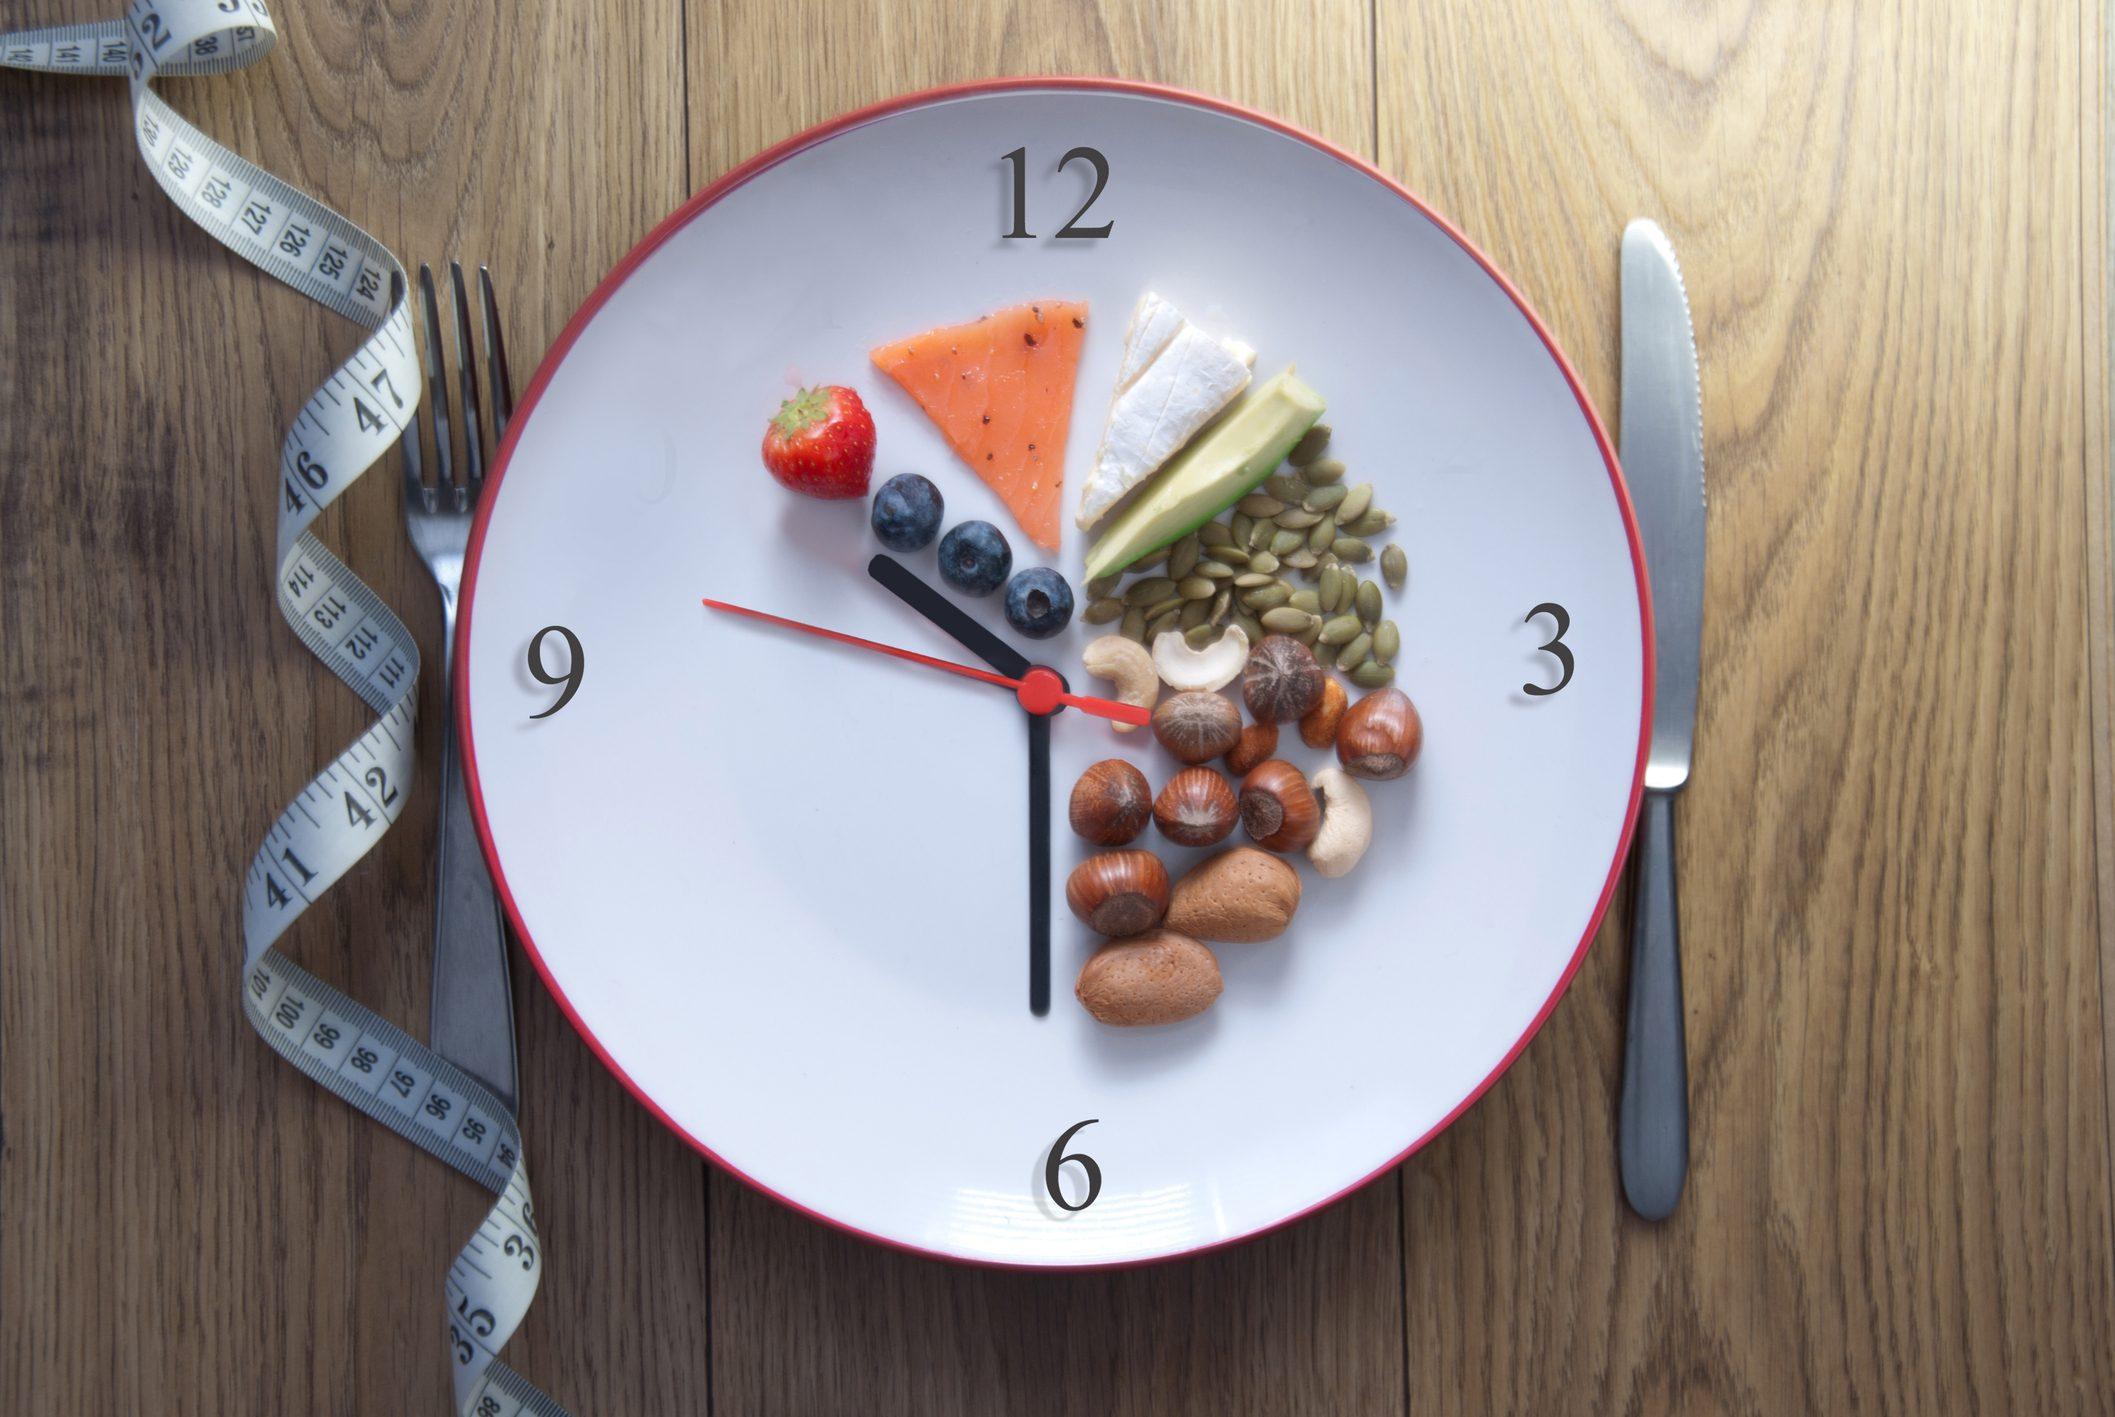 Avete sempre fame? Uno studio dimostra che non è colpa vostra